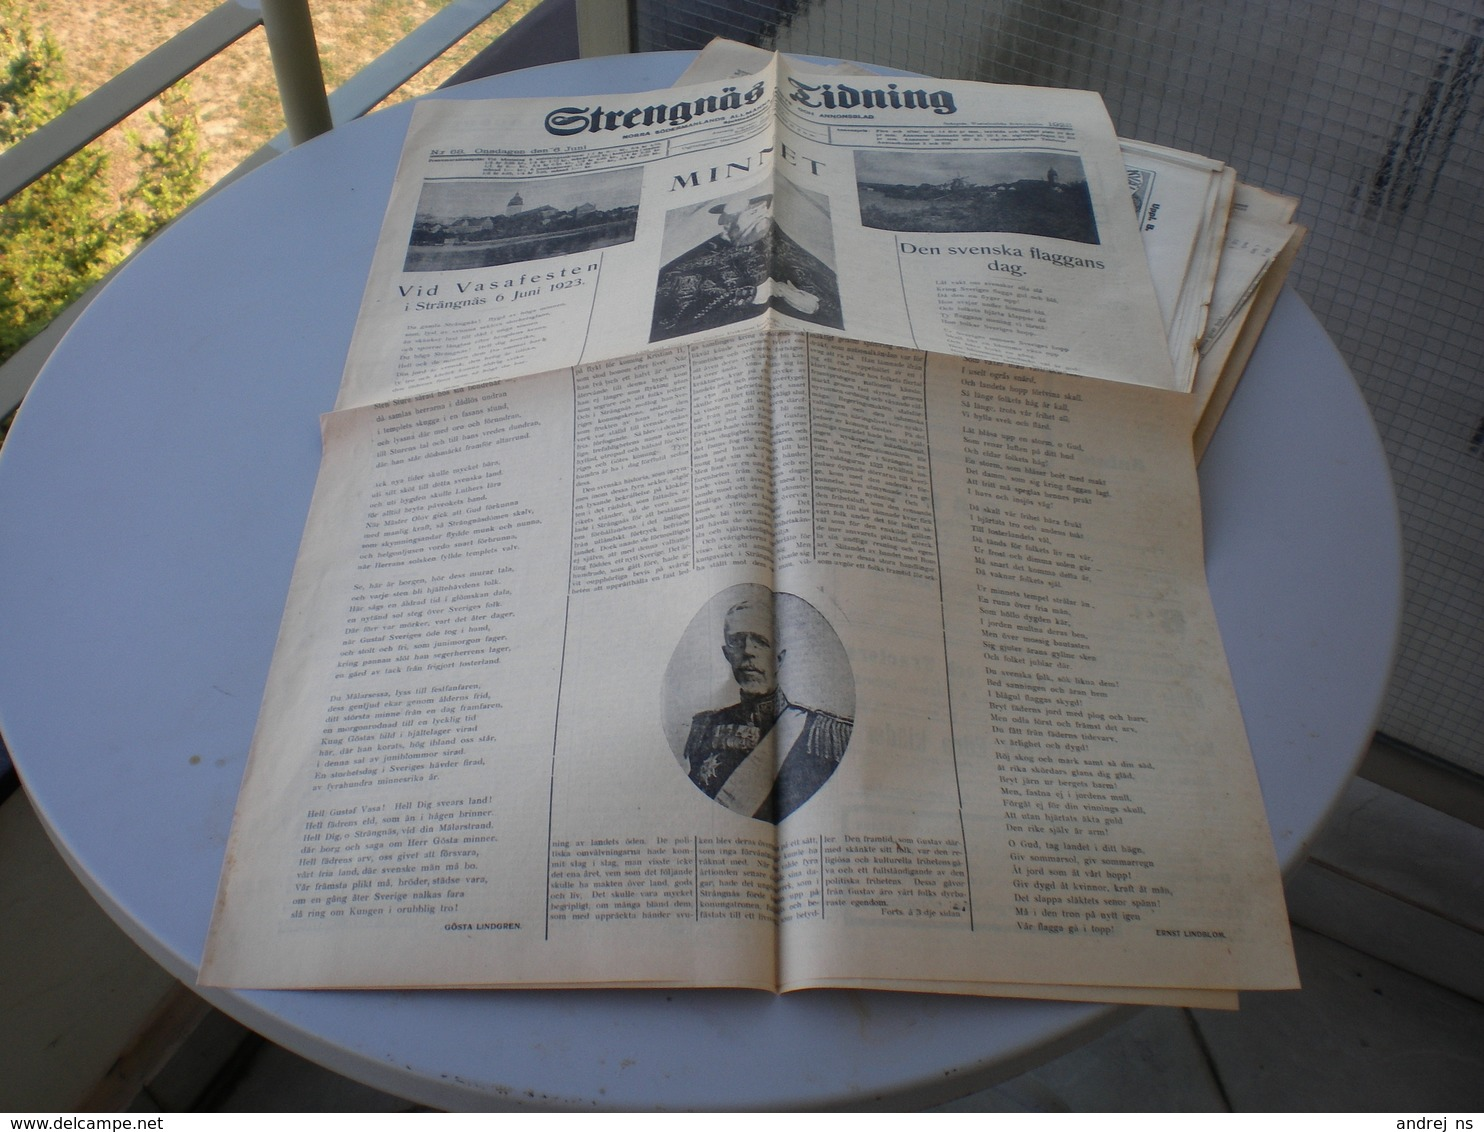 Strengnas Tidning 1923 - Scandinavian Languages